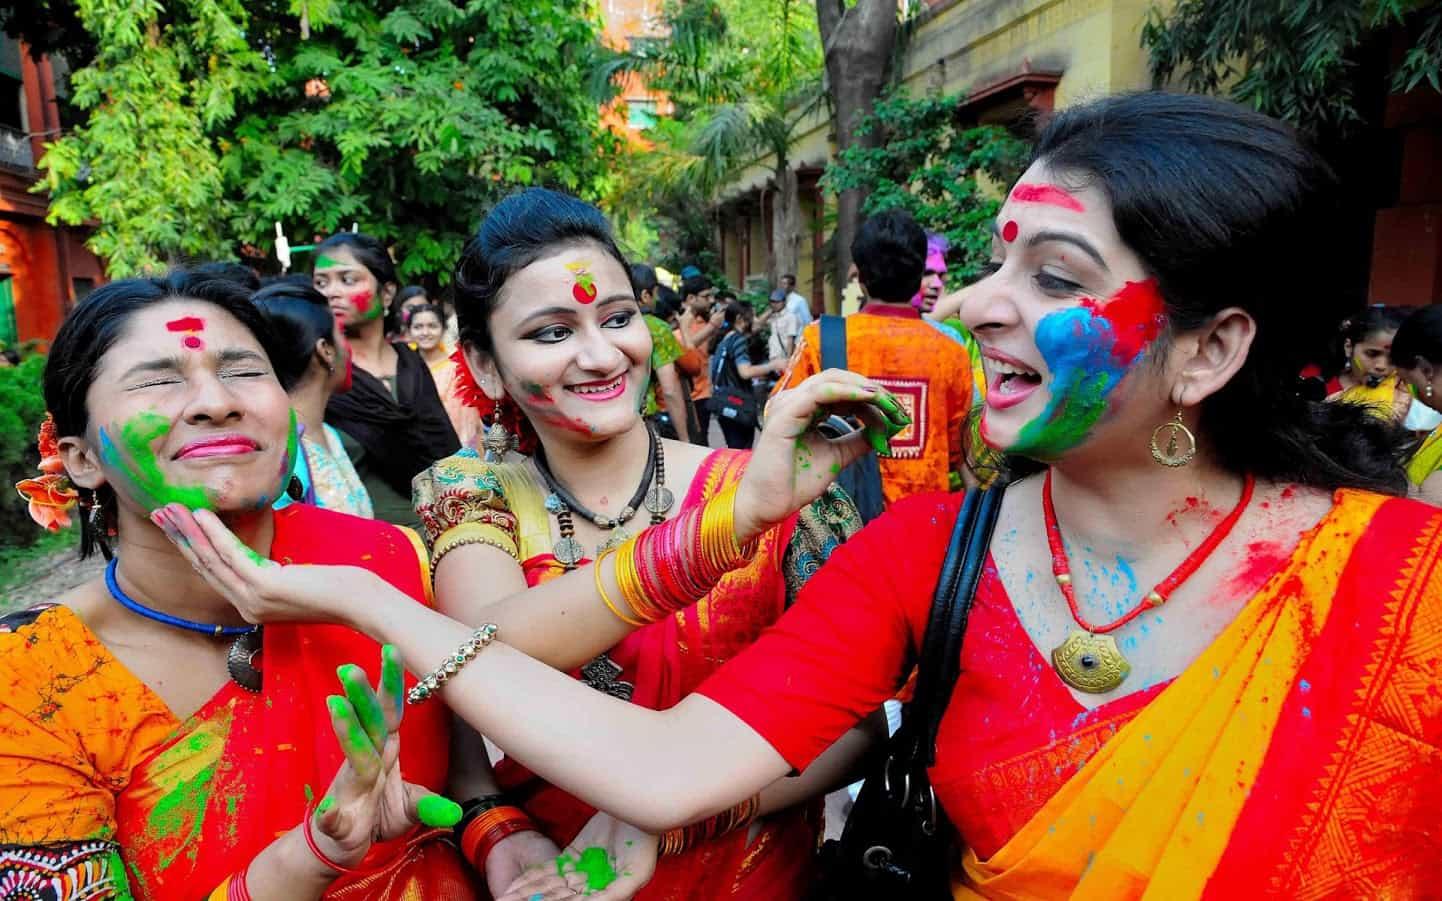 xin-visa-an-do-indians (1)